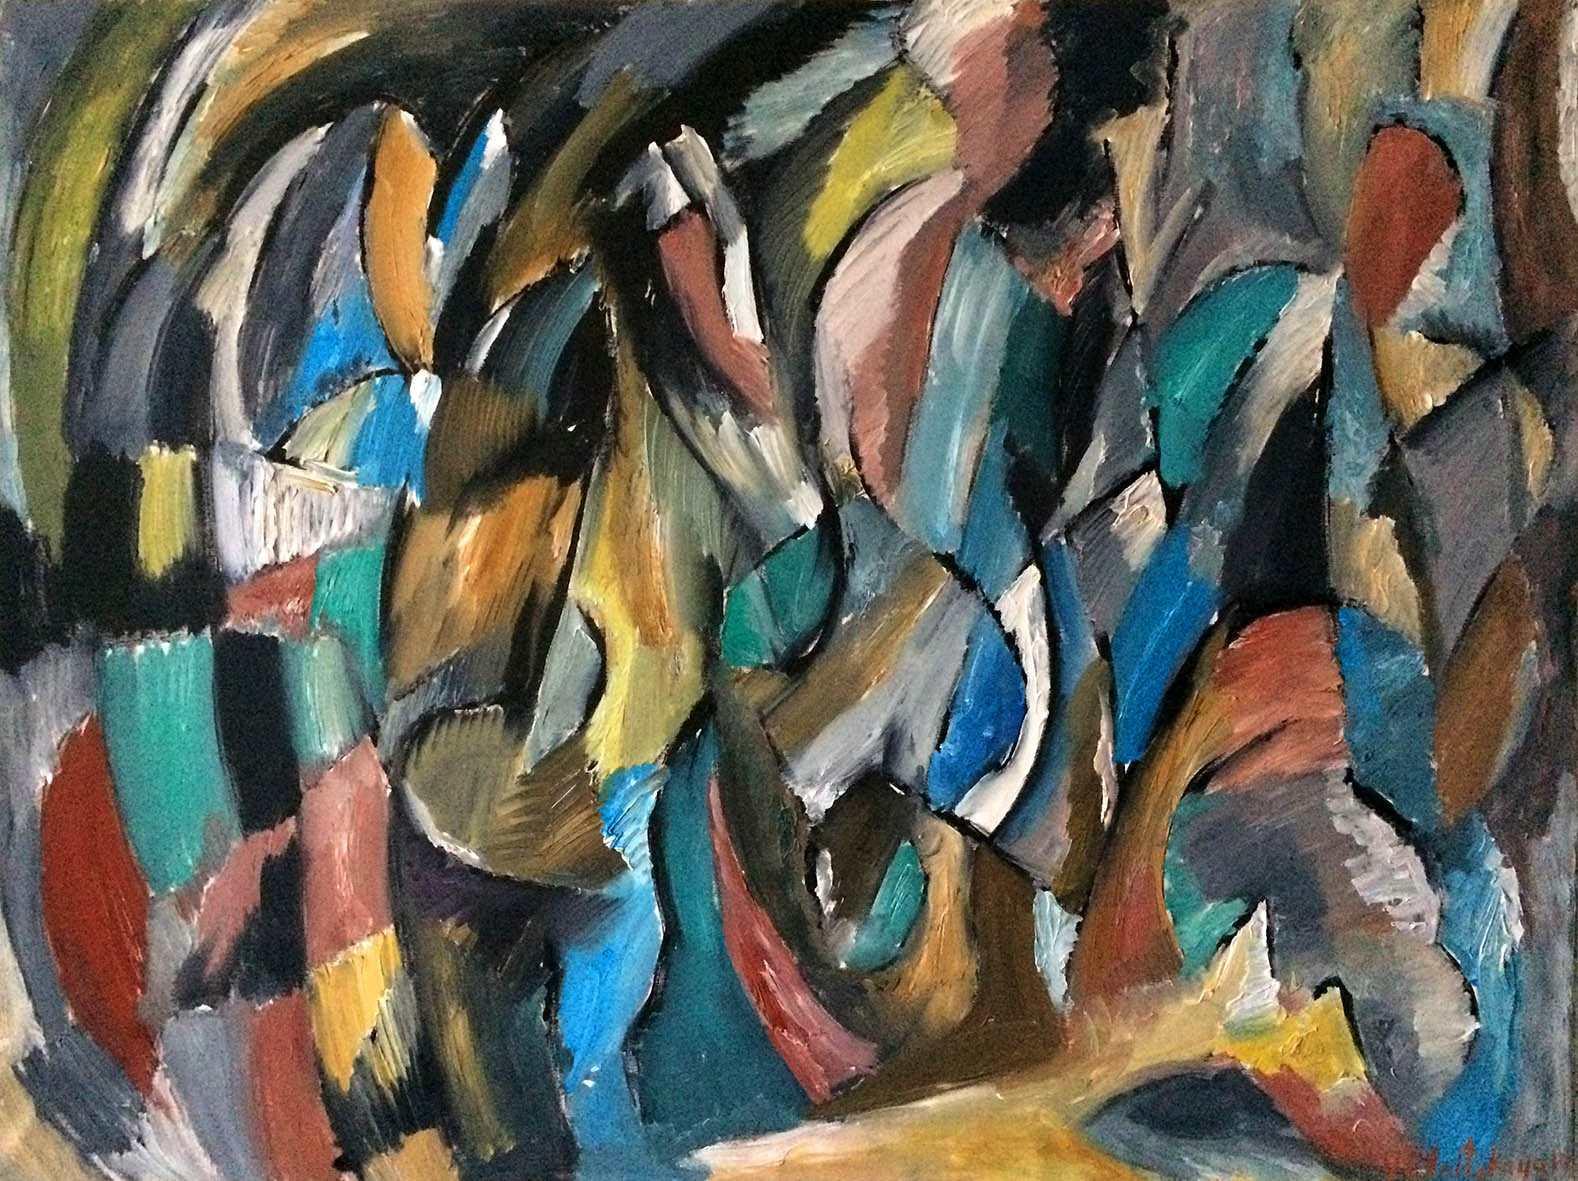 Вера Ельницкая. Джаз, 2017. Холст, масло, 90х120 Courtesy of the East Meets West Gallery